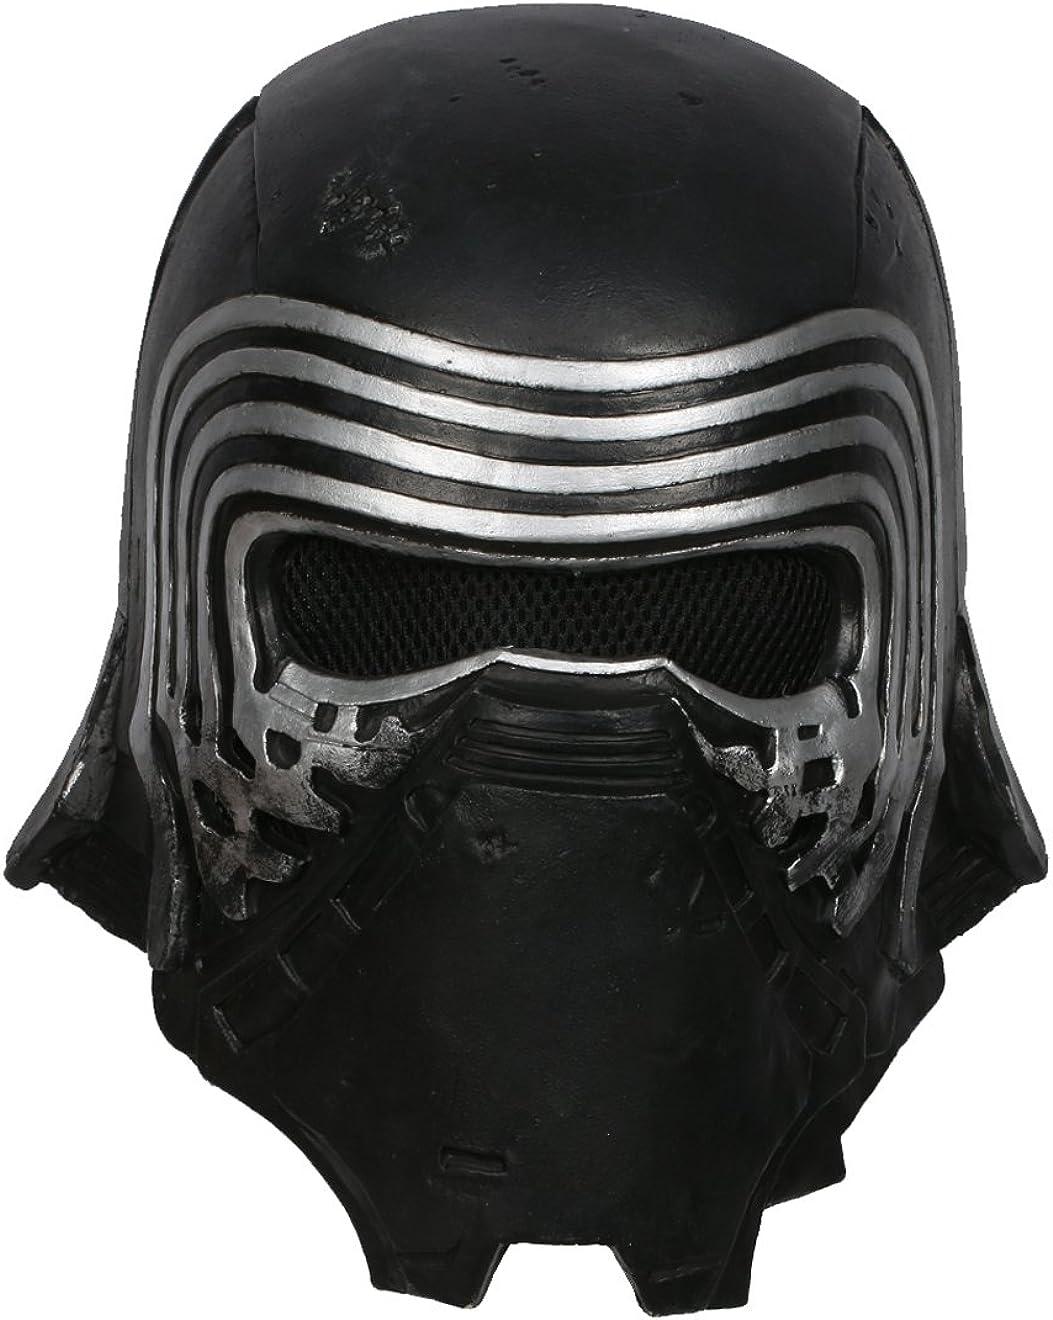 Kylo Masque Deluxe Black Series Latex Casque Herren V/êtements D/éguisement Cosplay Costume R/éplique pour Adulte